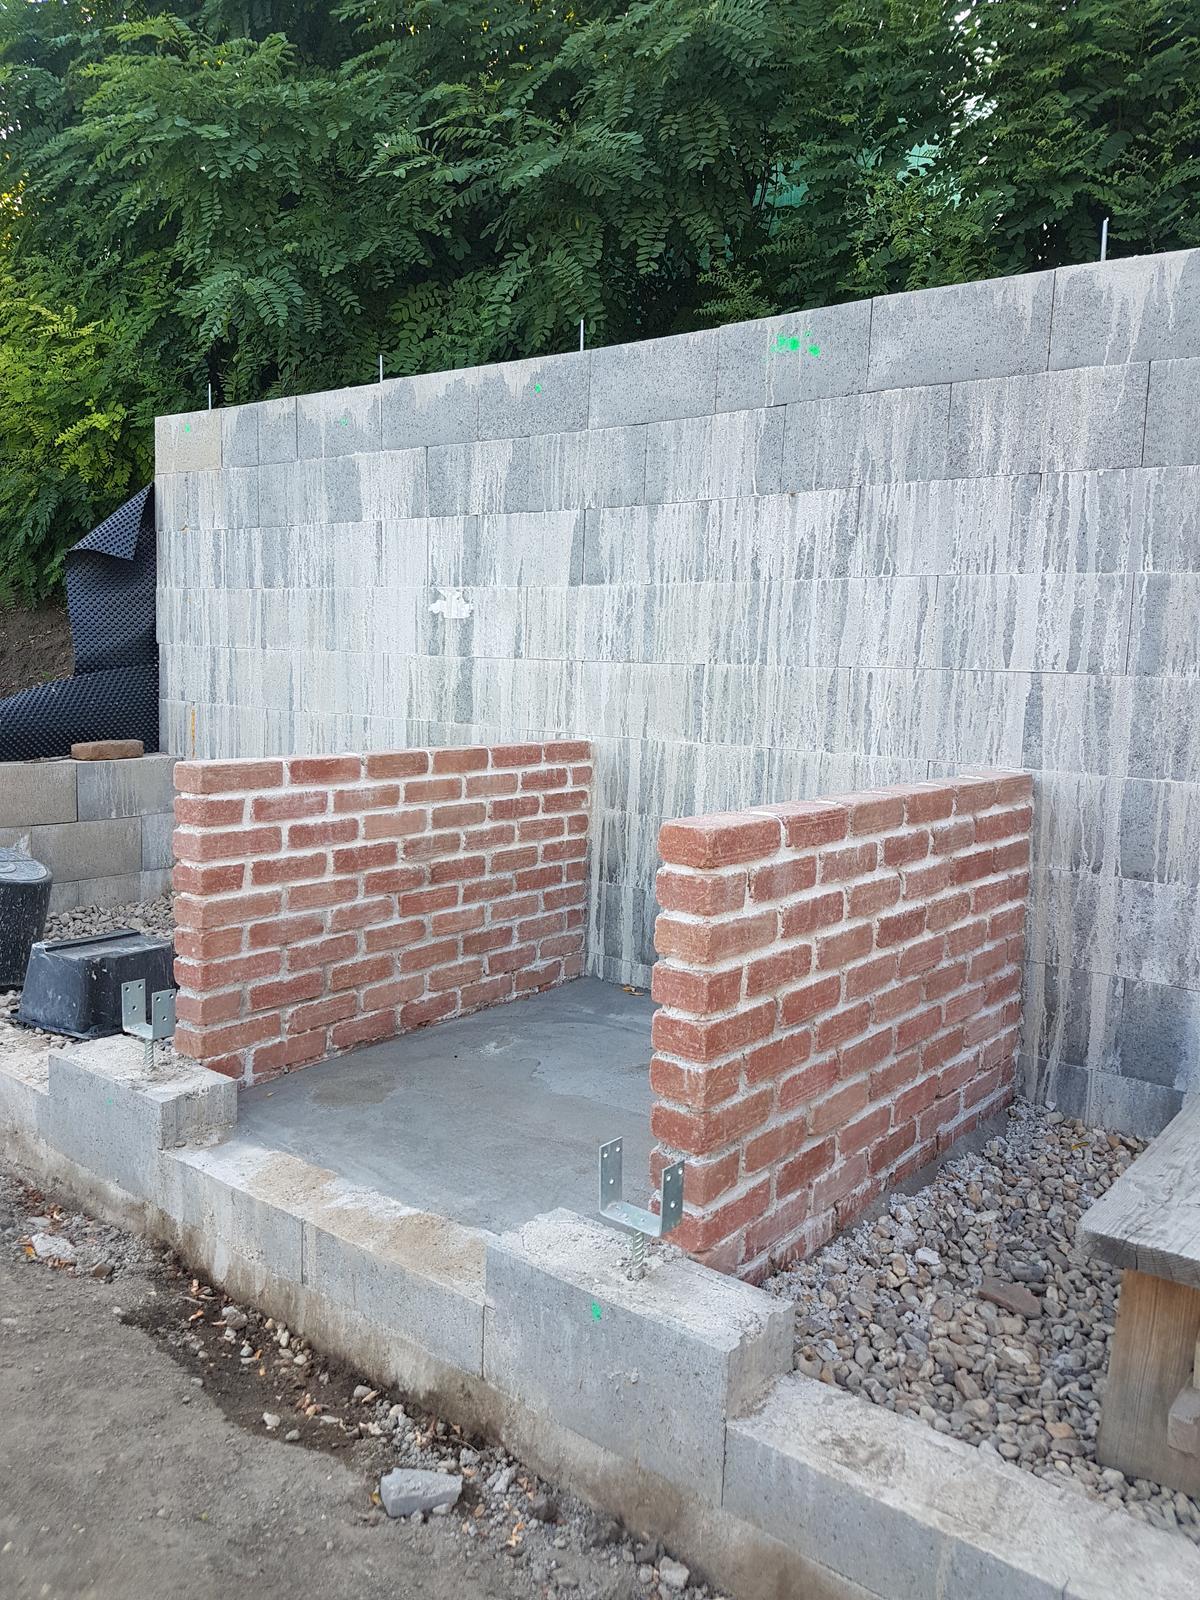 Drevník a kafé kútik - projekt roku  2018 - Muriky sú na konečnej výške a stred je vyliaty betónom.